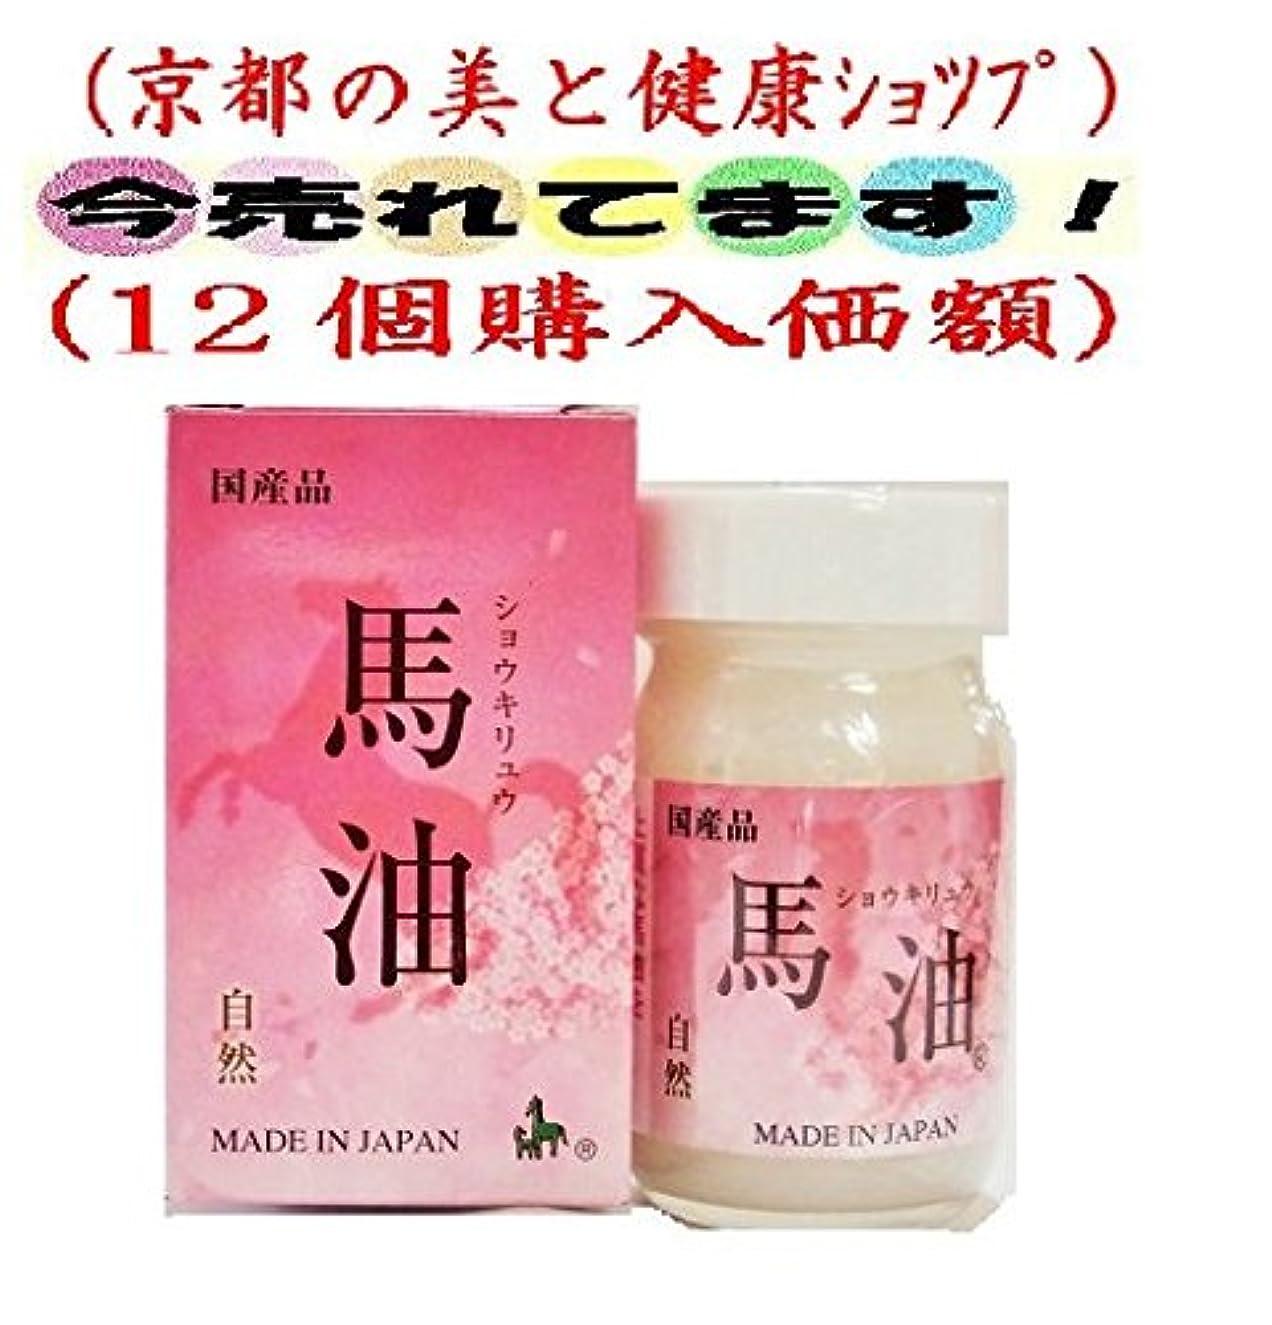 ショウキリュウ 馬油 自然 70ml (桜 ピンク化粧箱 12個購入価額)